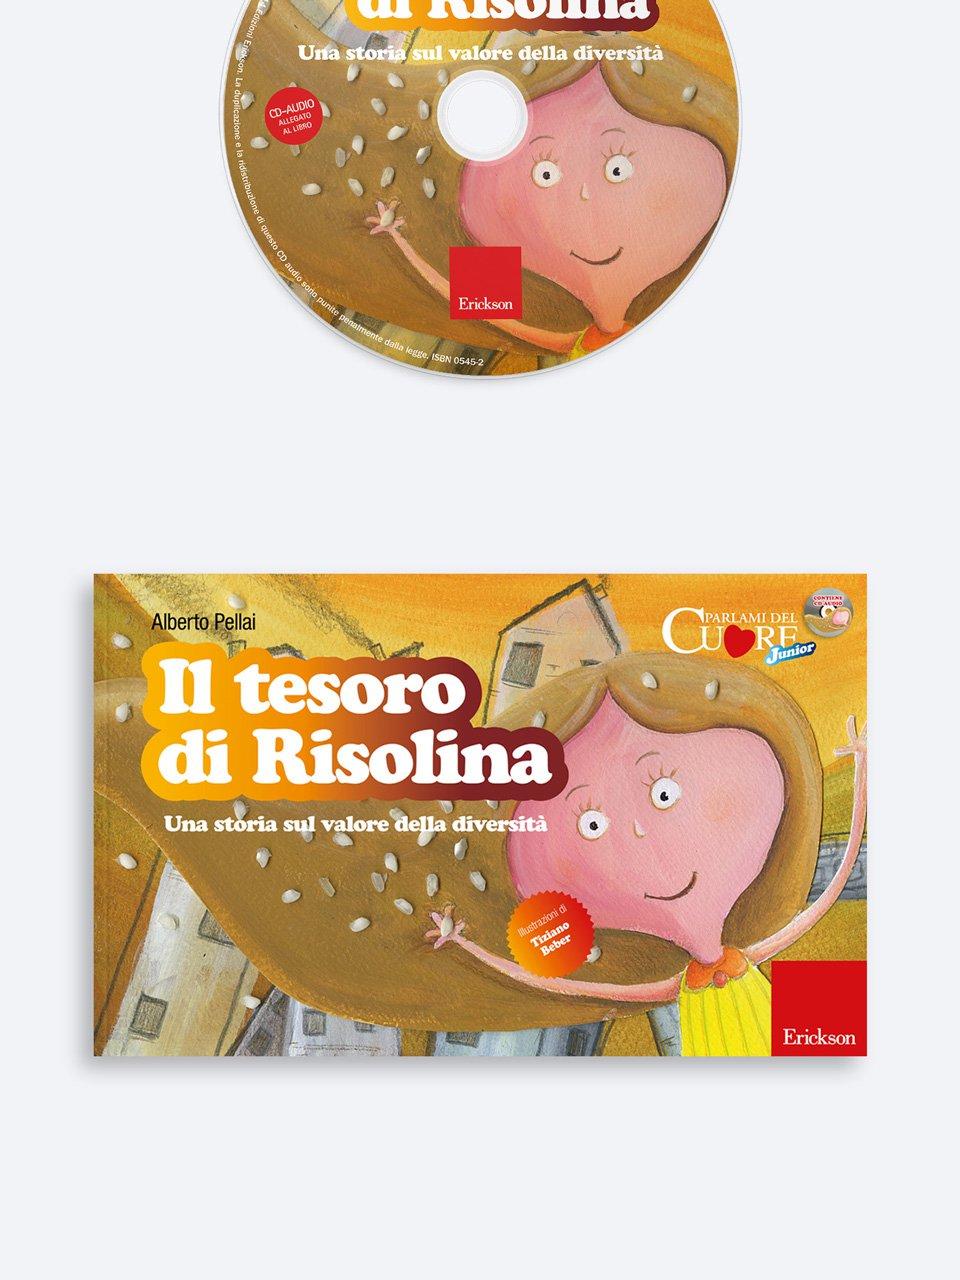 Il tesoro di Risolina - Alberto Pellai - Erickson